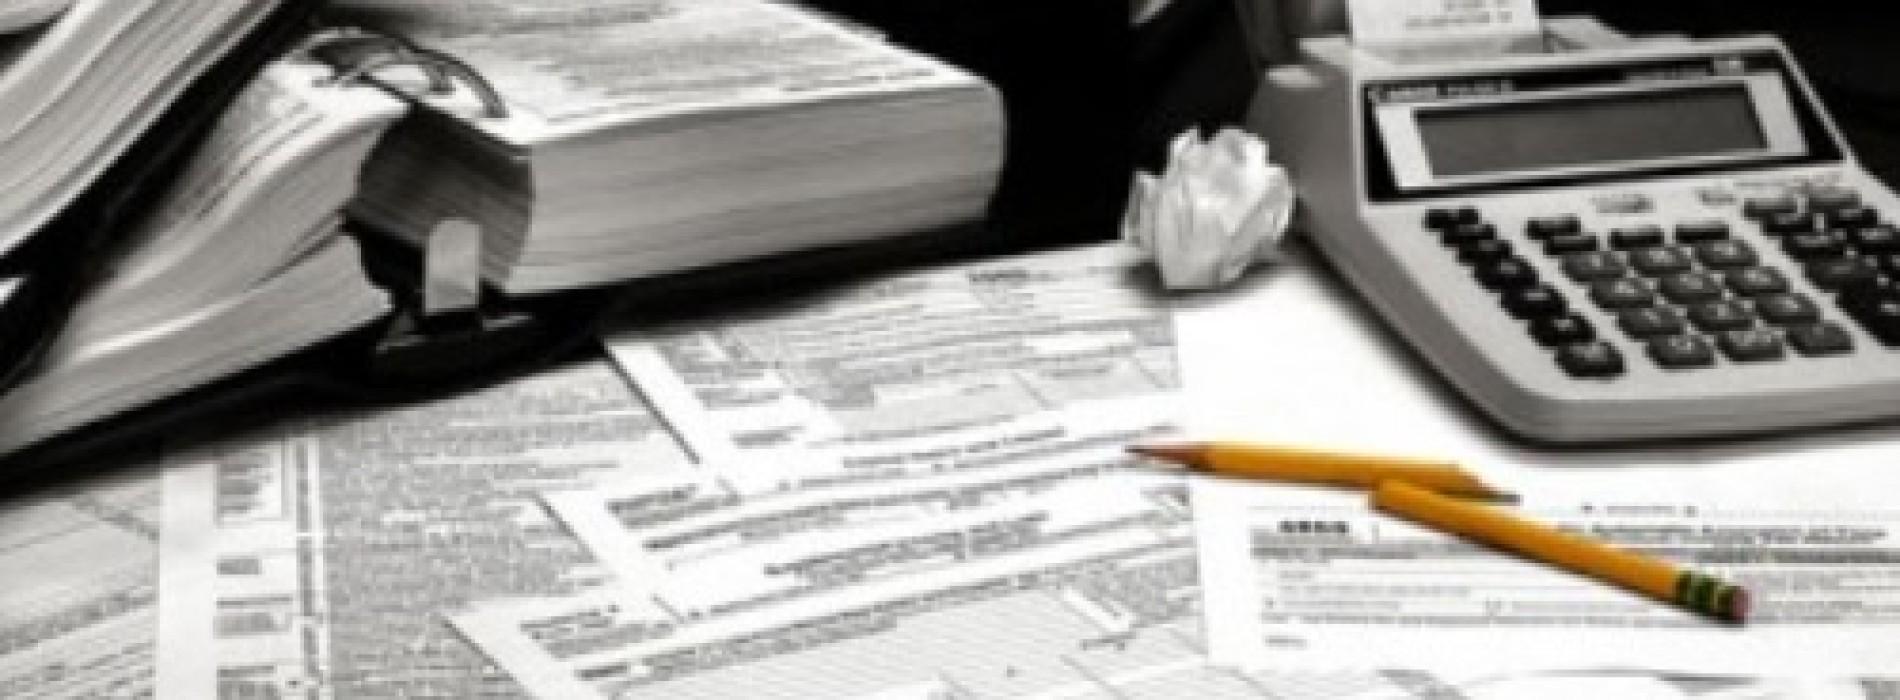 Czy biuro rachunkowe może popełnić błąd?